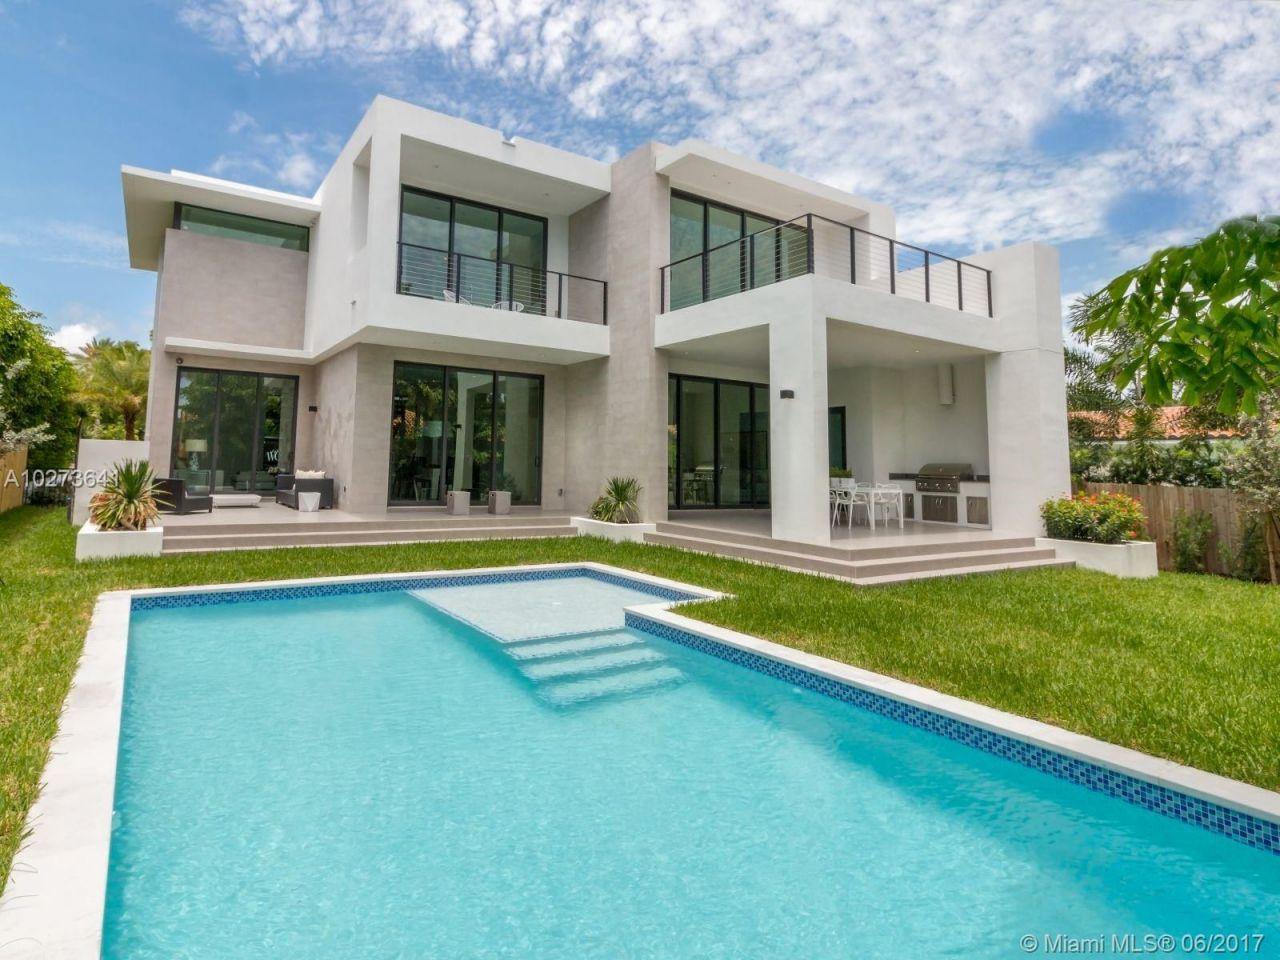 Дом в майами купить дубай аренда квартиры